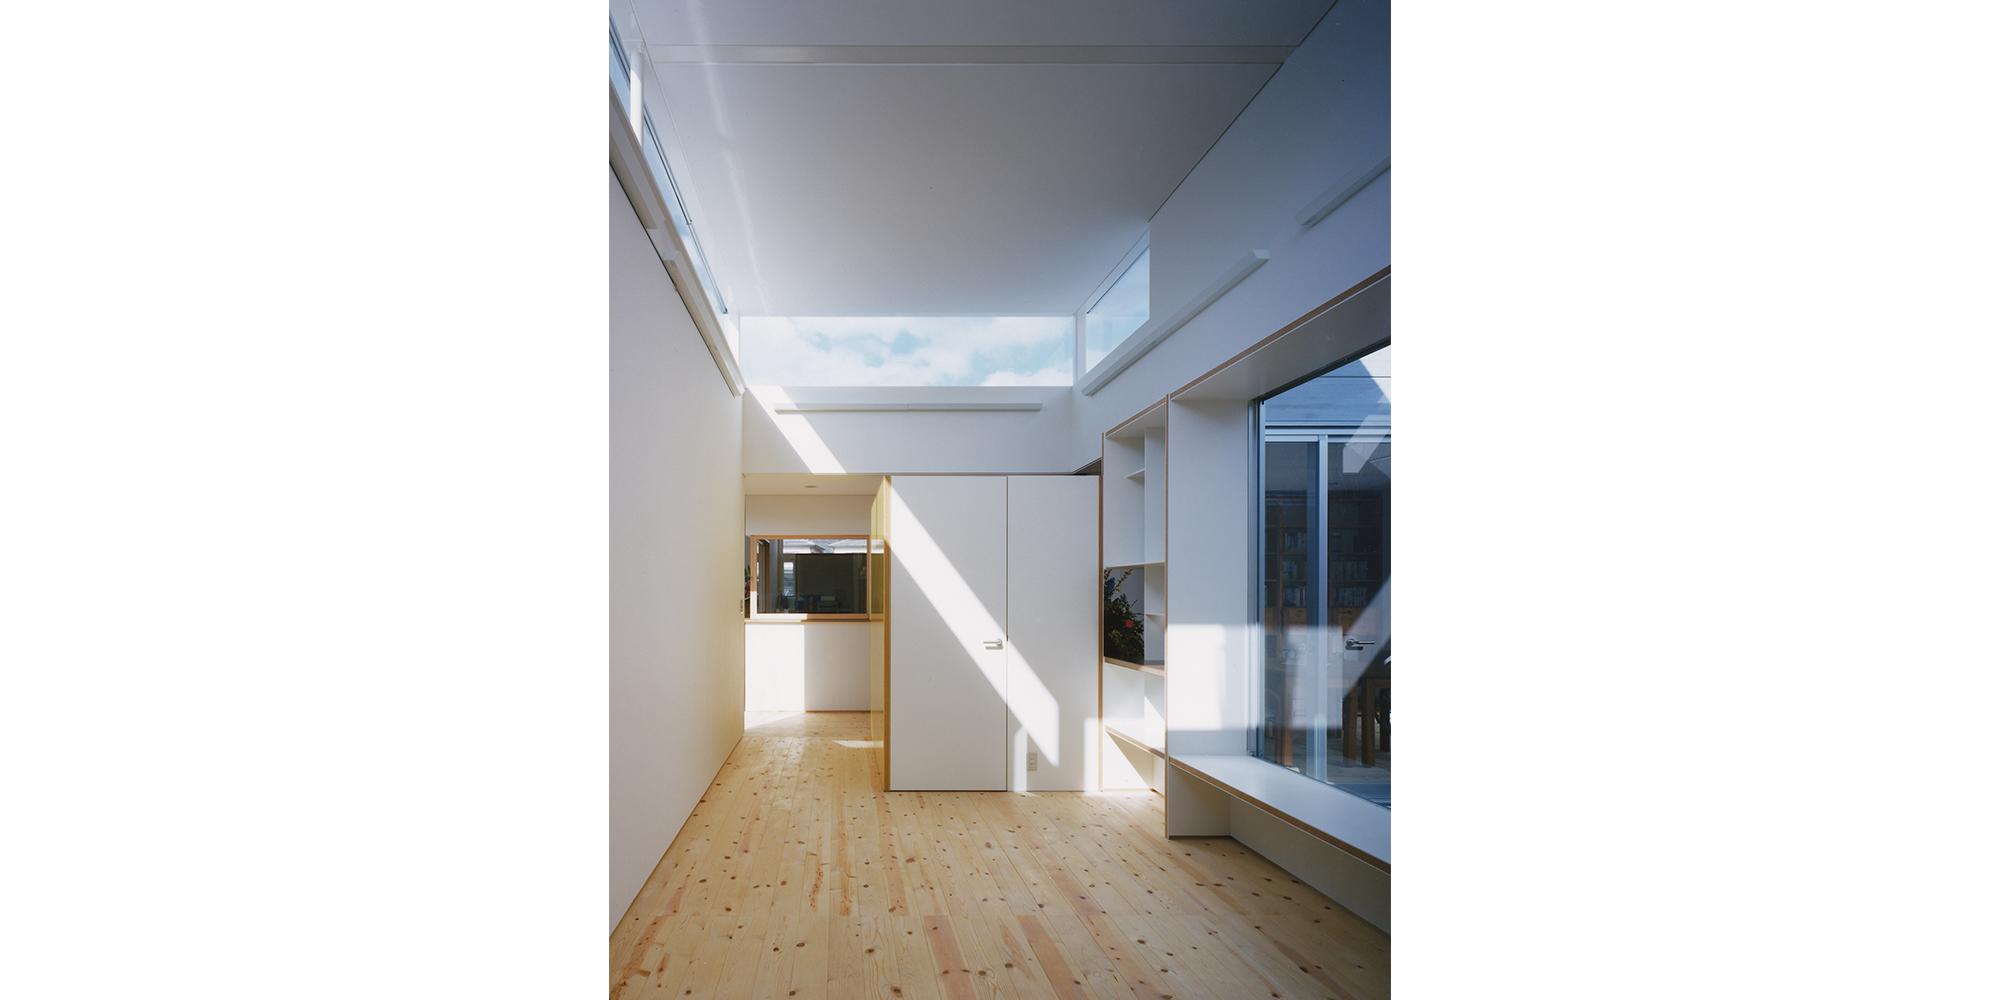 佐藤建築事務所「アイナリーホール」